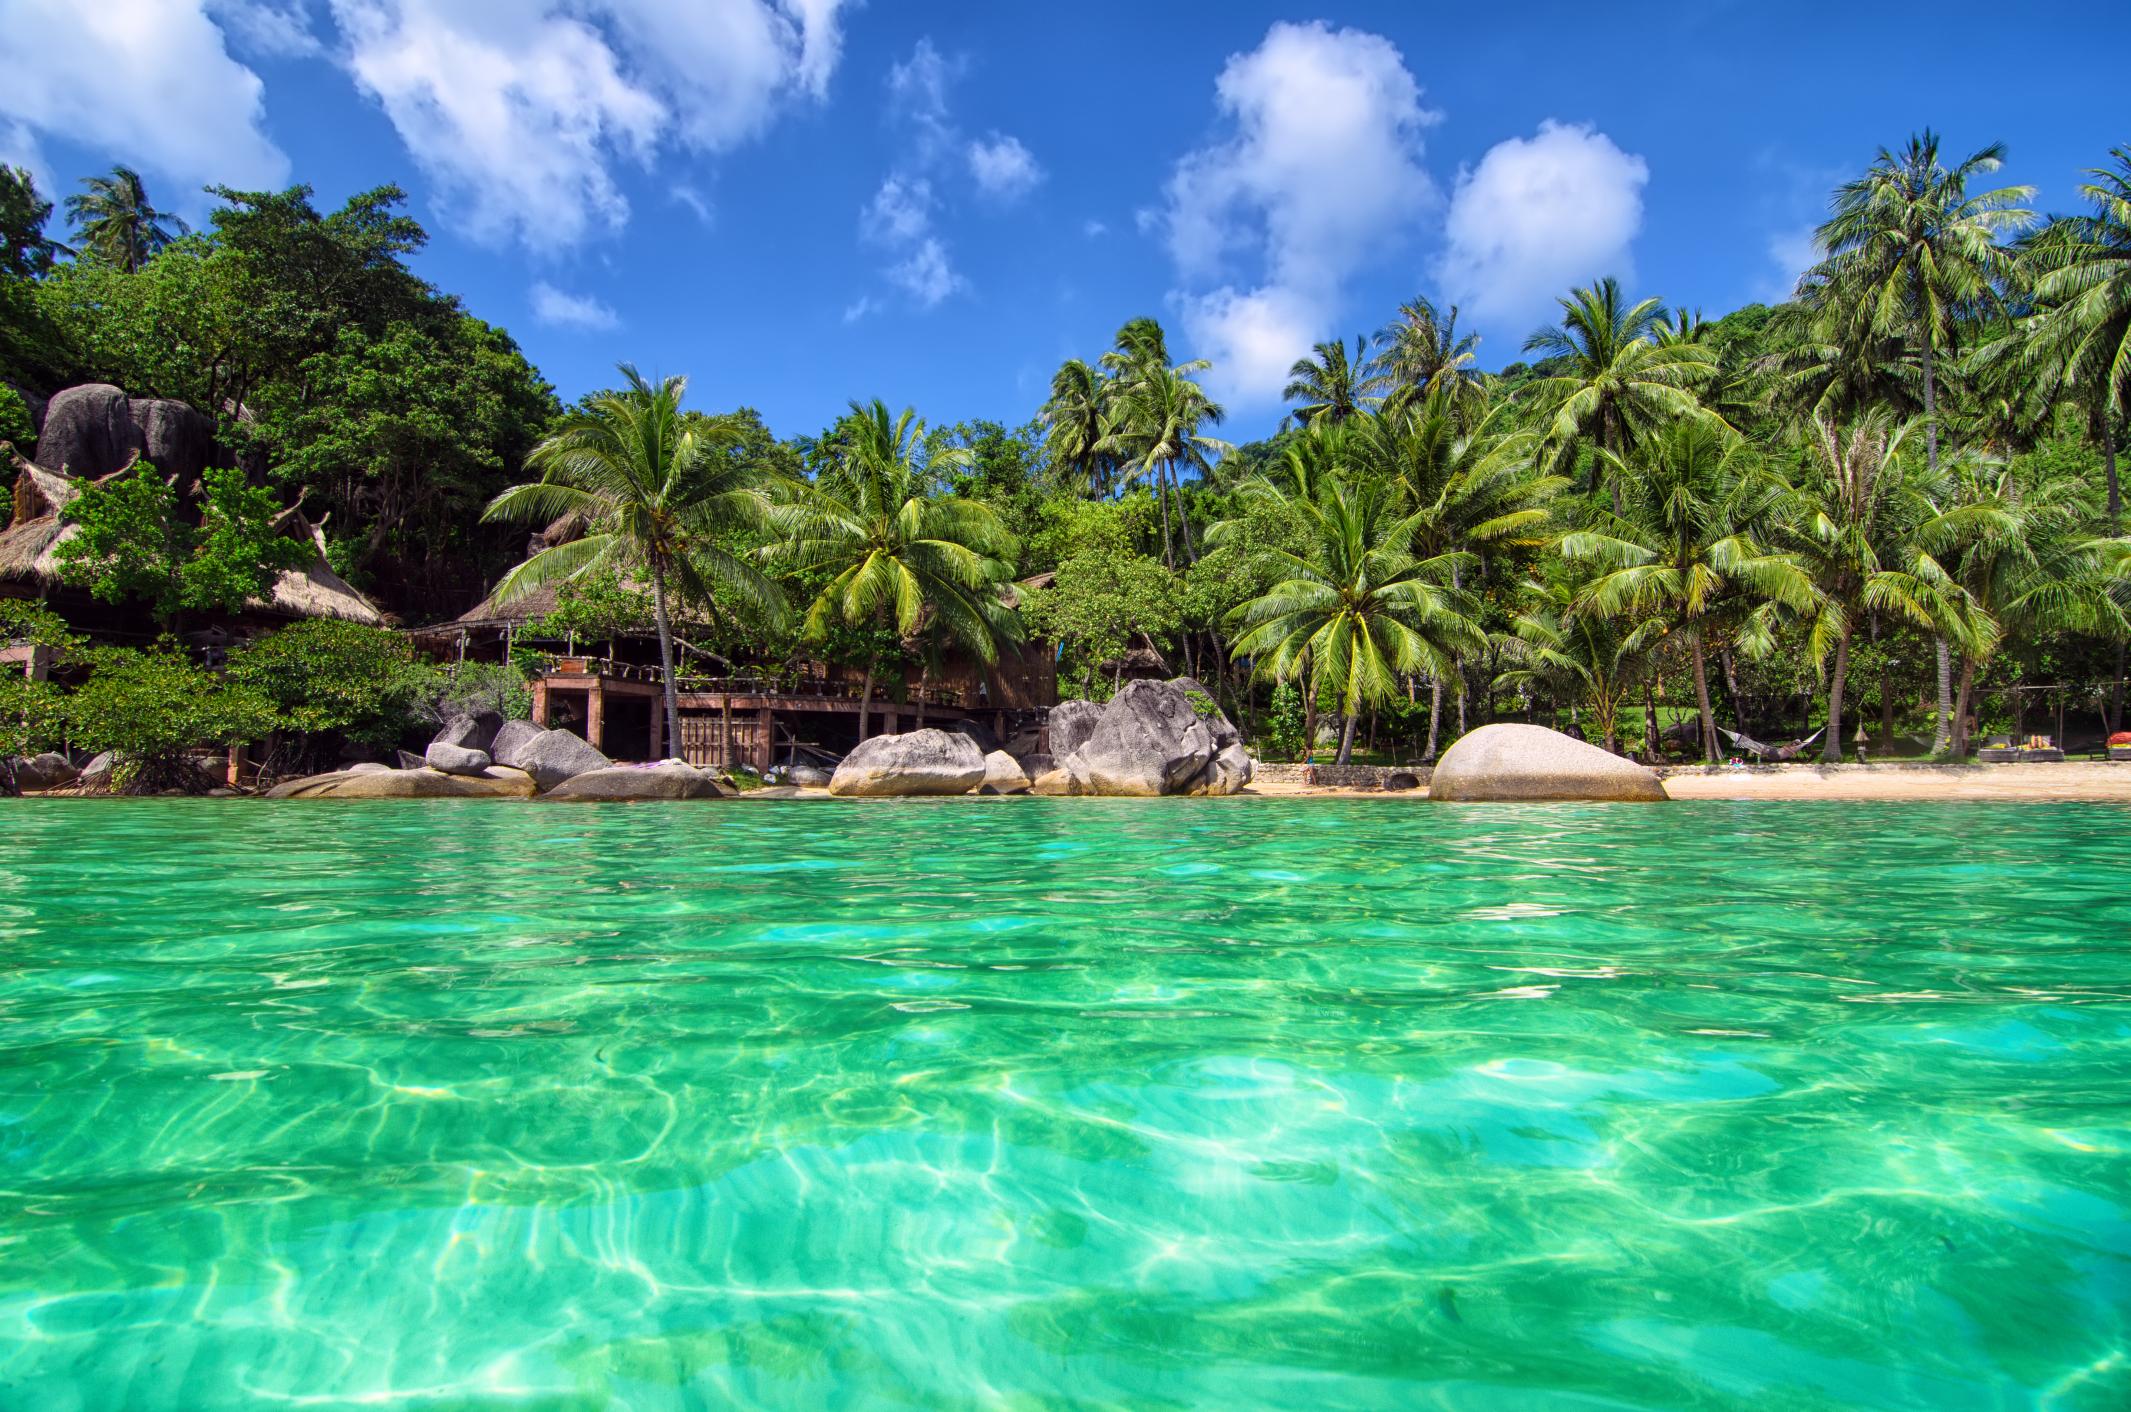 태국에서 꼭 가봐야 할 아름다운 섬 Top 8 - 스카이스캐너-항공권, 호텔, 렌터카 최저가 비교예약